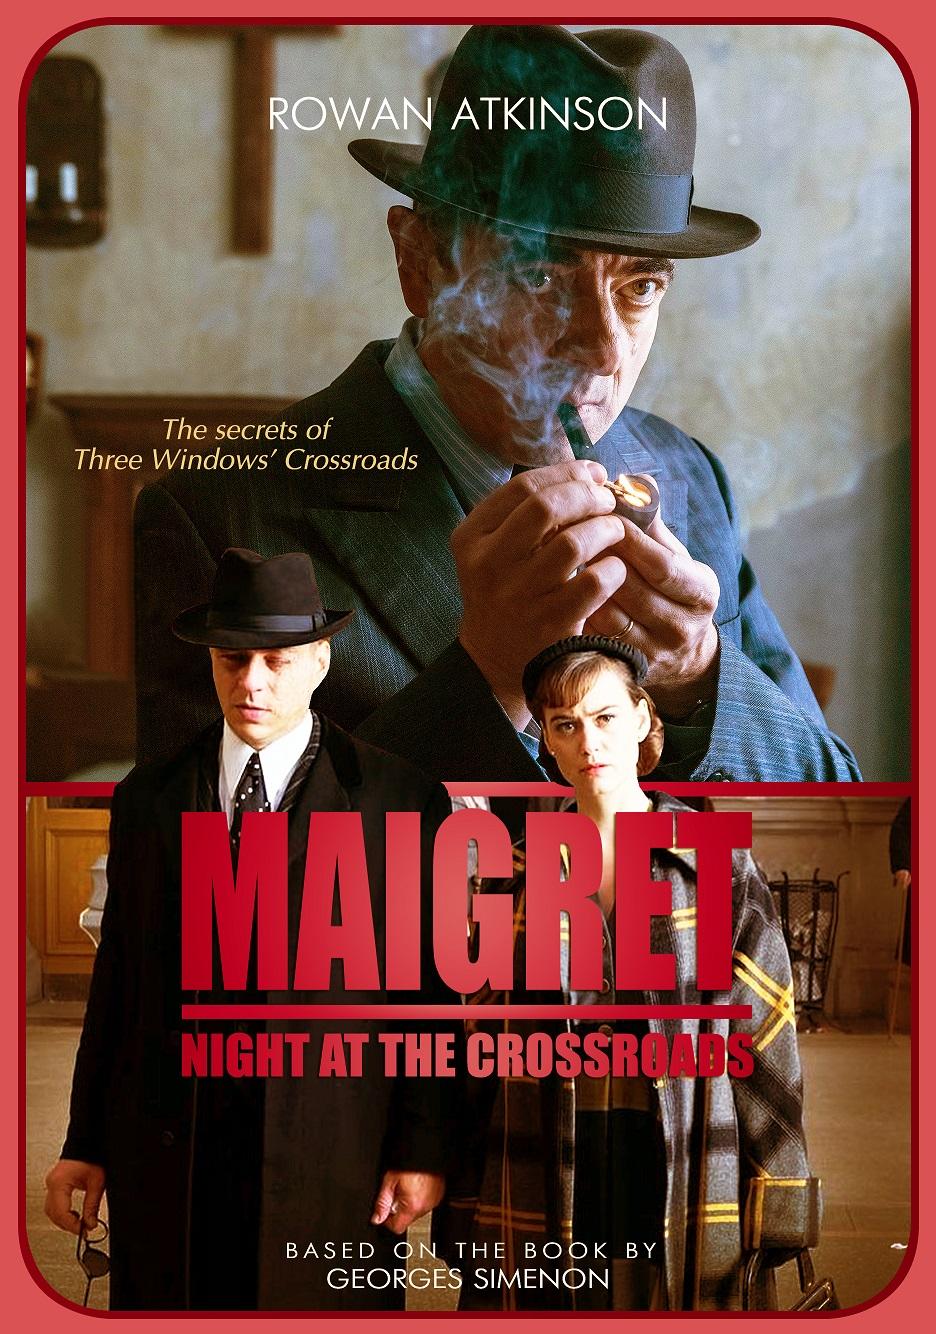 دانلود زیرنویس فارسی فیلم Maigret: Night at the Crossroads